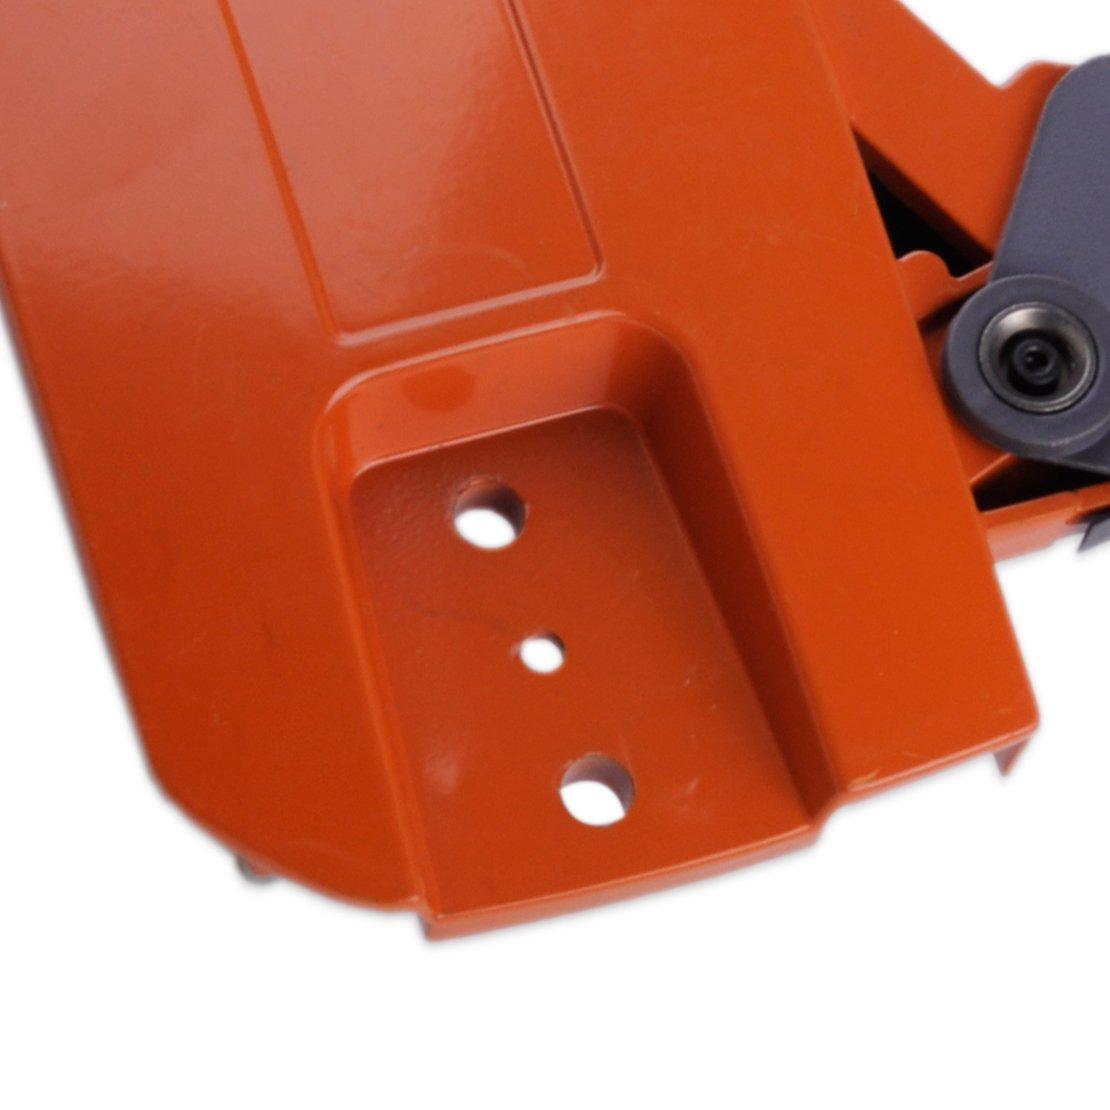 Kupplungskopfabdeckung f/ür Bremssattel passend f/ür HUSQVARNA 61 66 266 268 272 Kettens/äge